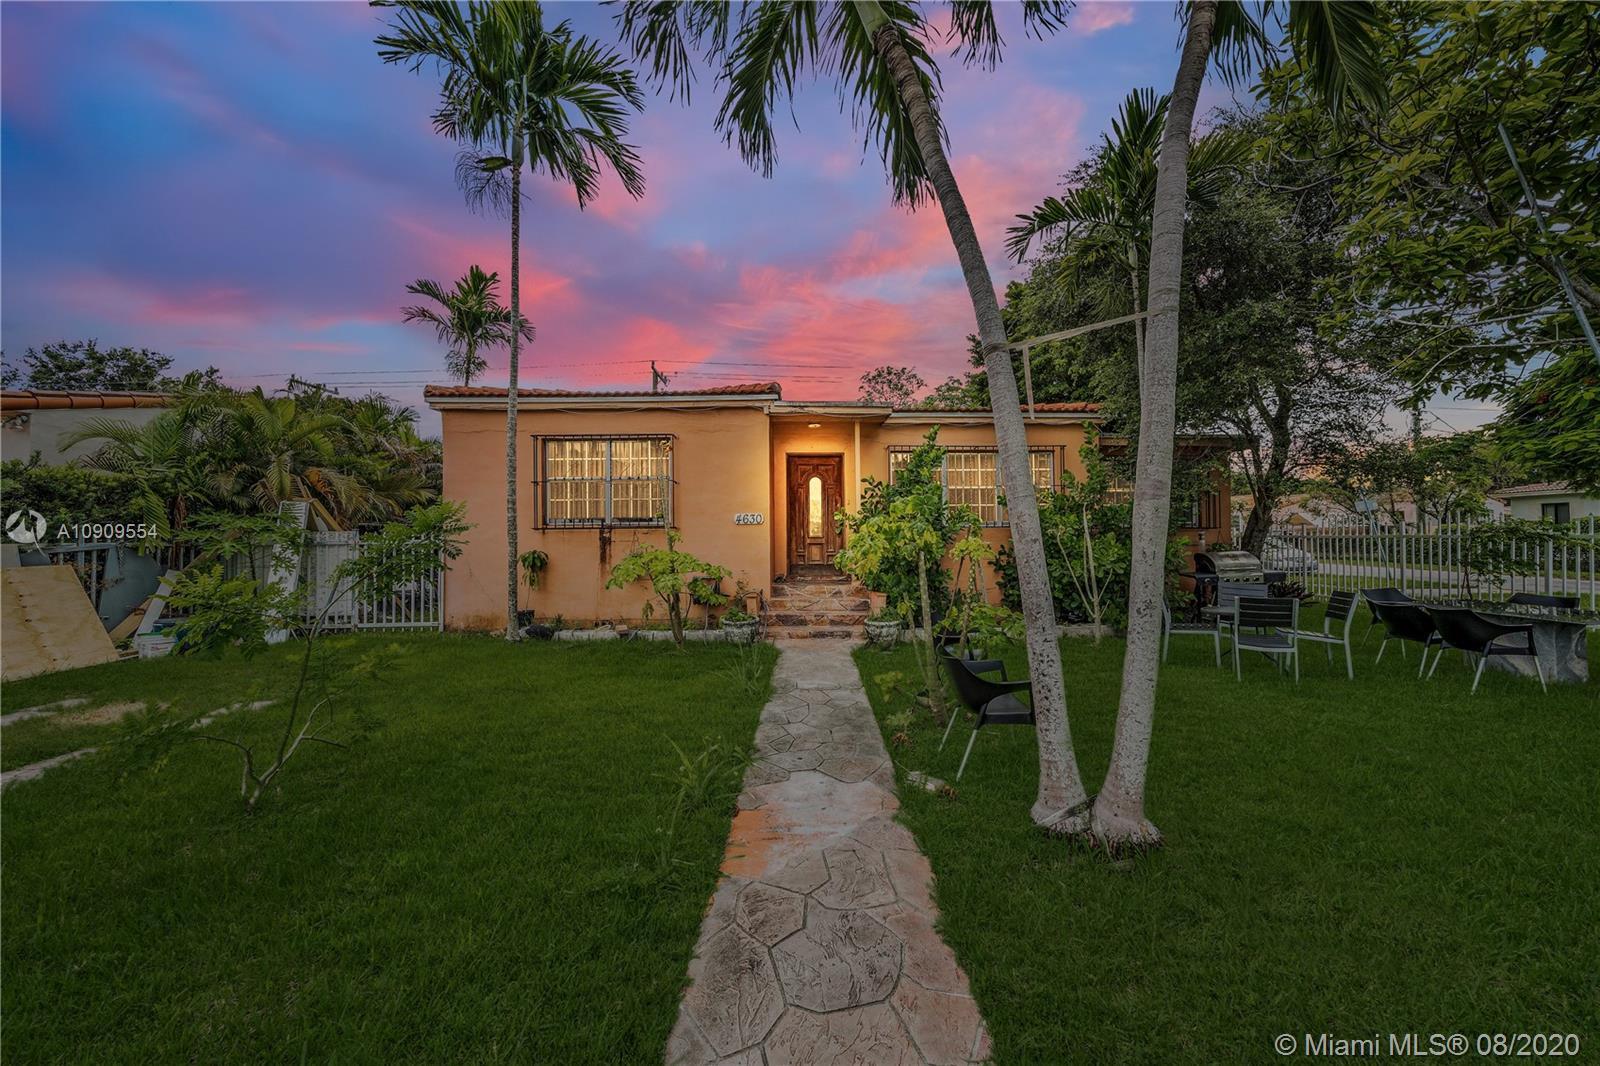 4630 SW 5th St, Miami FL 33134